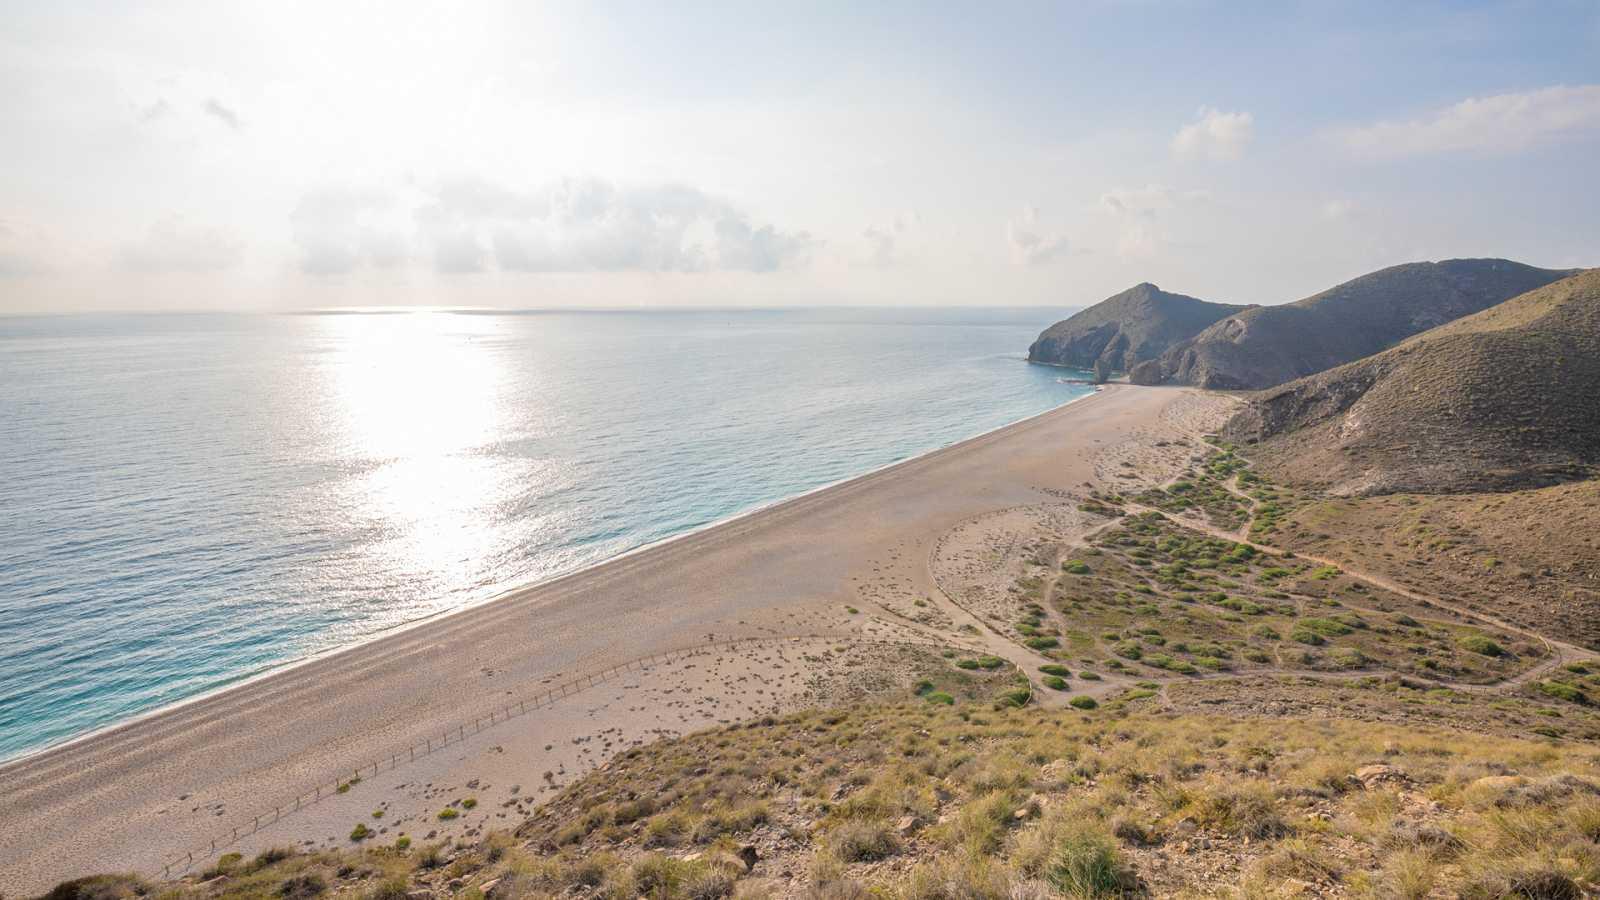 Intervalos de viento fuerte en los litorales de Galicia y Almería - Ver ahora